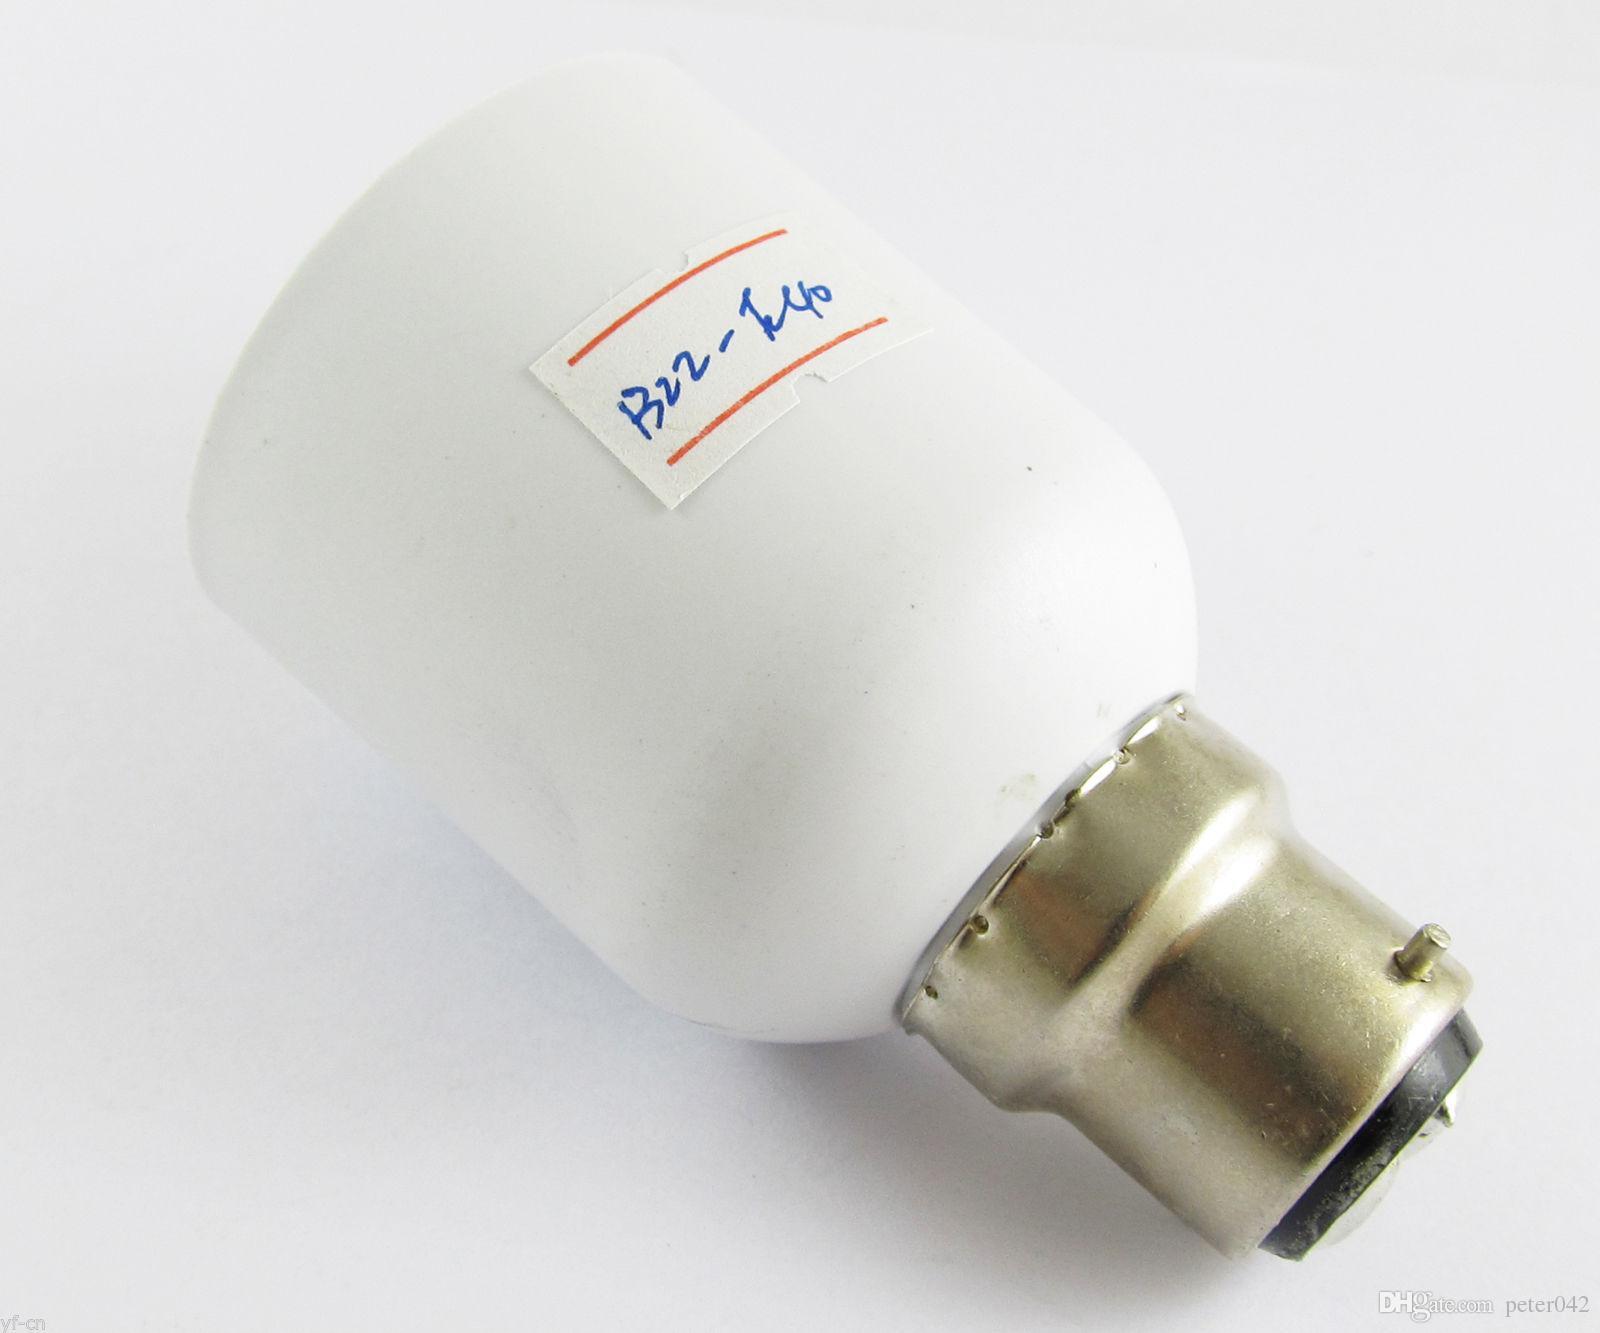 B22 ذكر إلى E40 أنثى المقبس قاعدة الصمام مصباح الهالوجين CFL مصباح لمبة